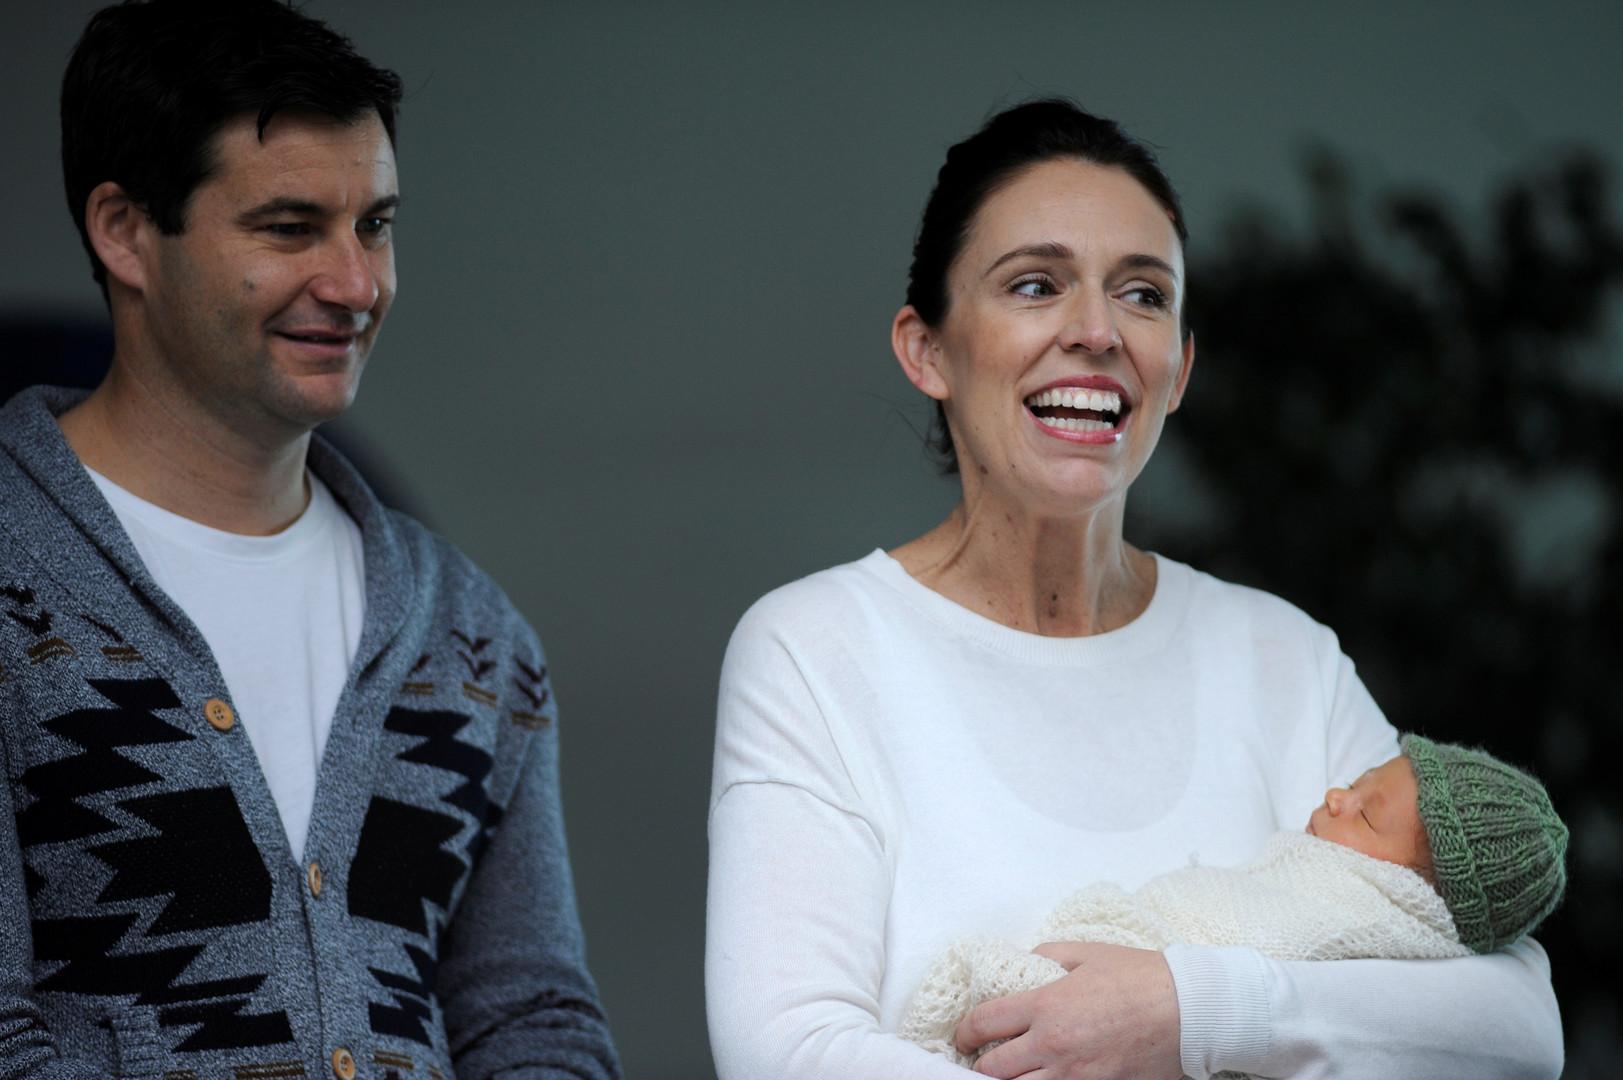 رئيسة وزراء نيوزيلندا تقرر الزواج من أب طفلتها (صور)